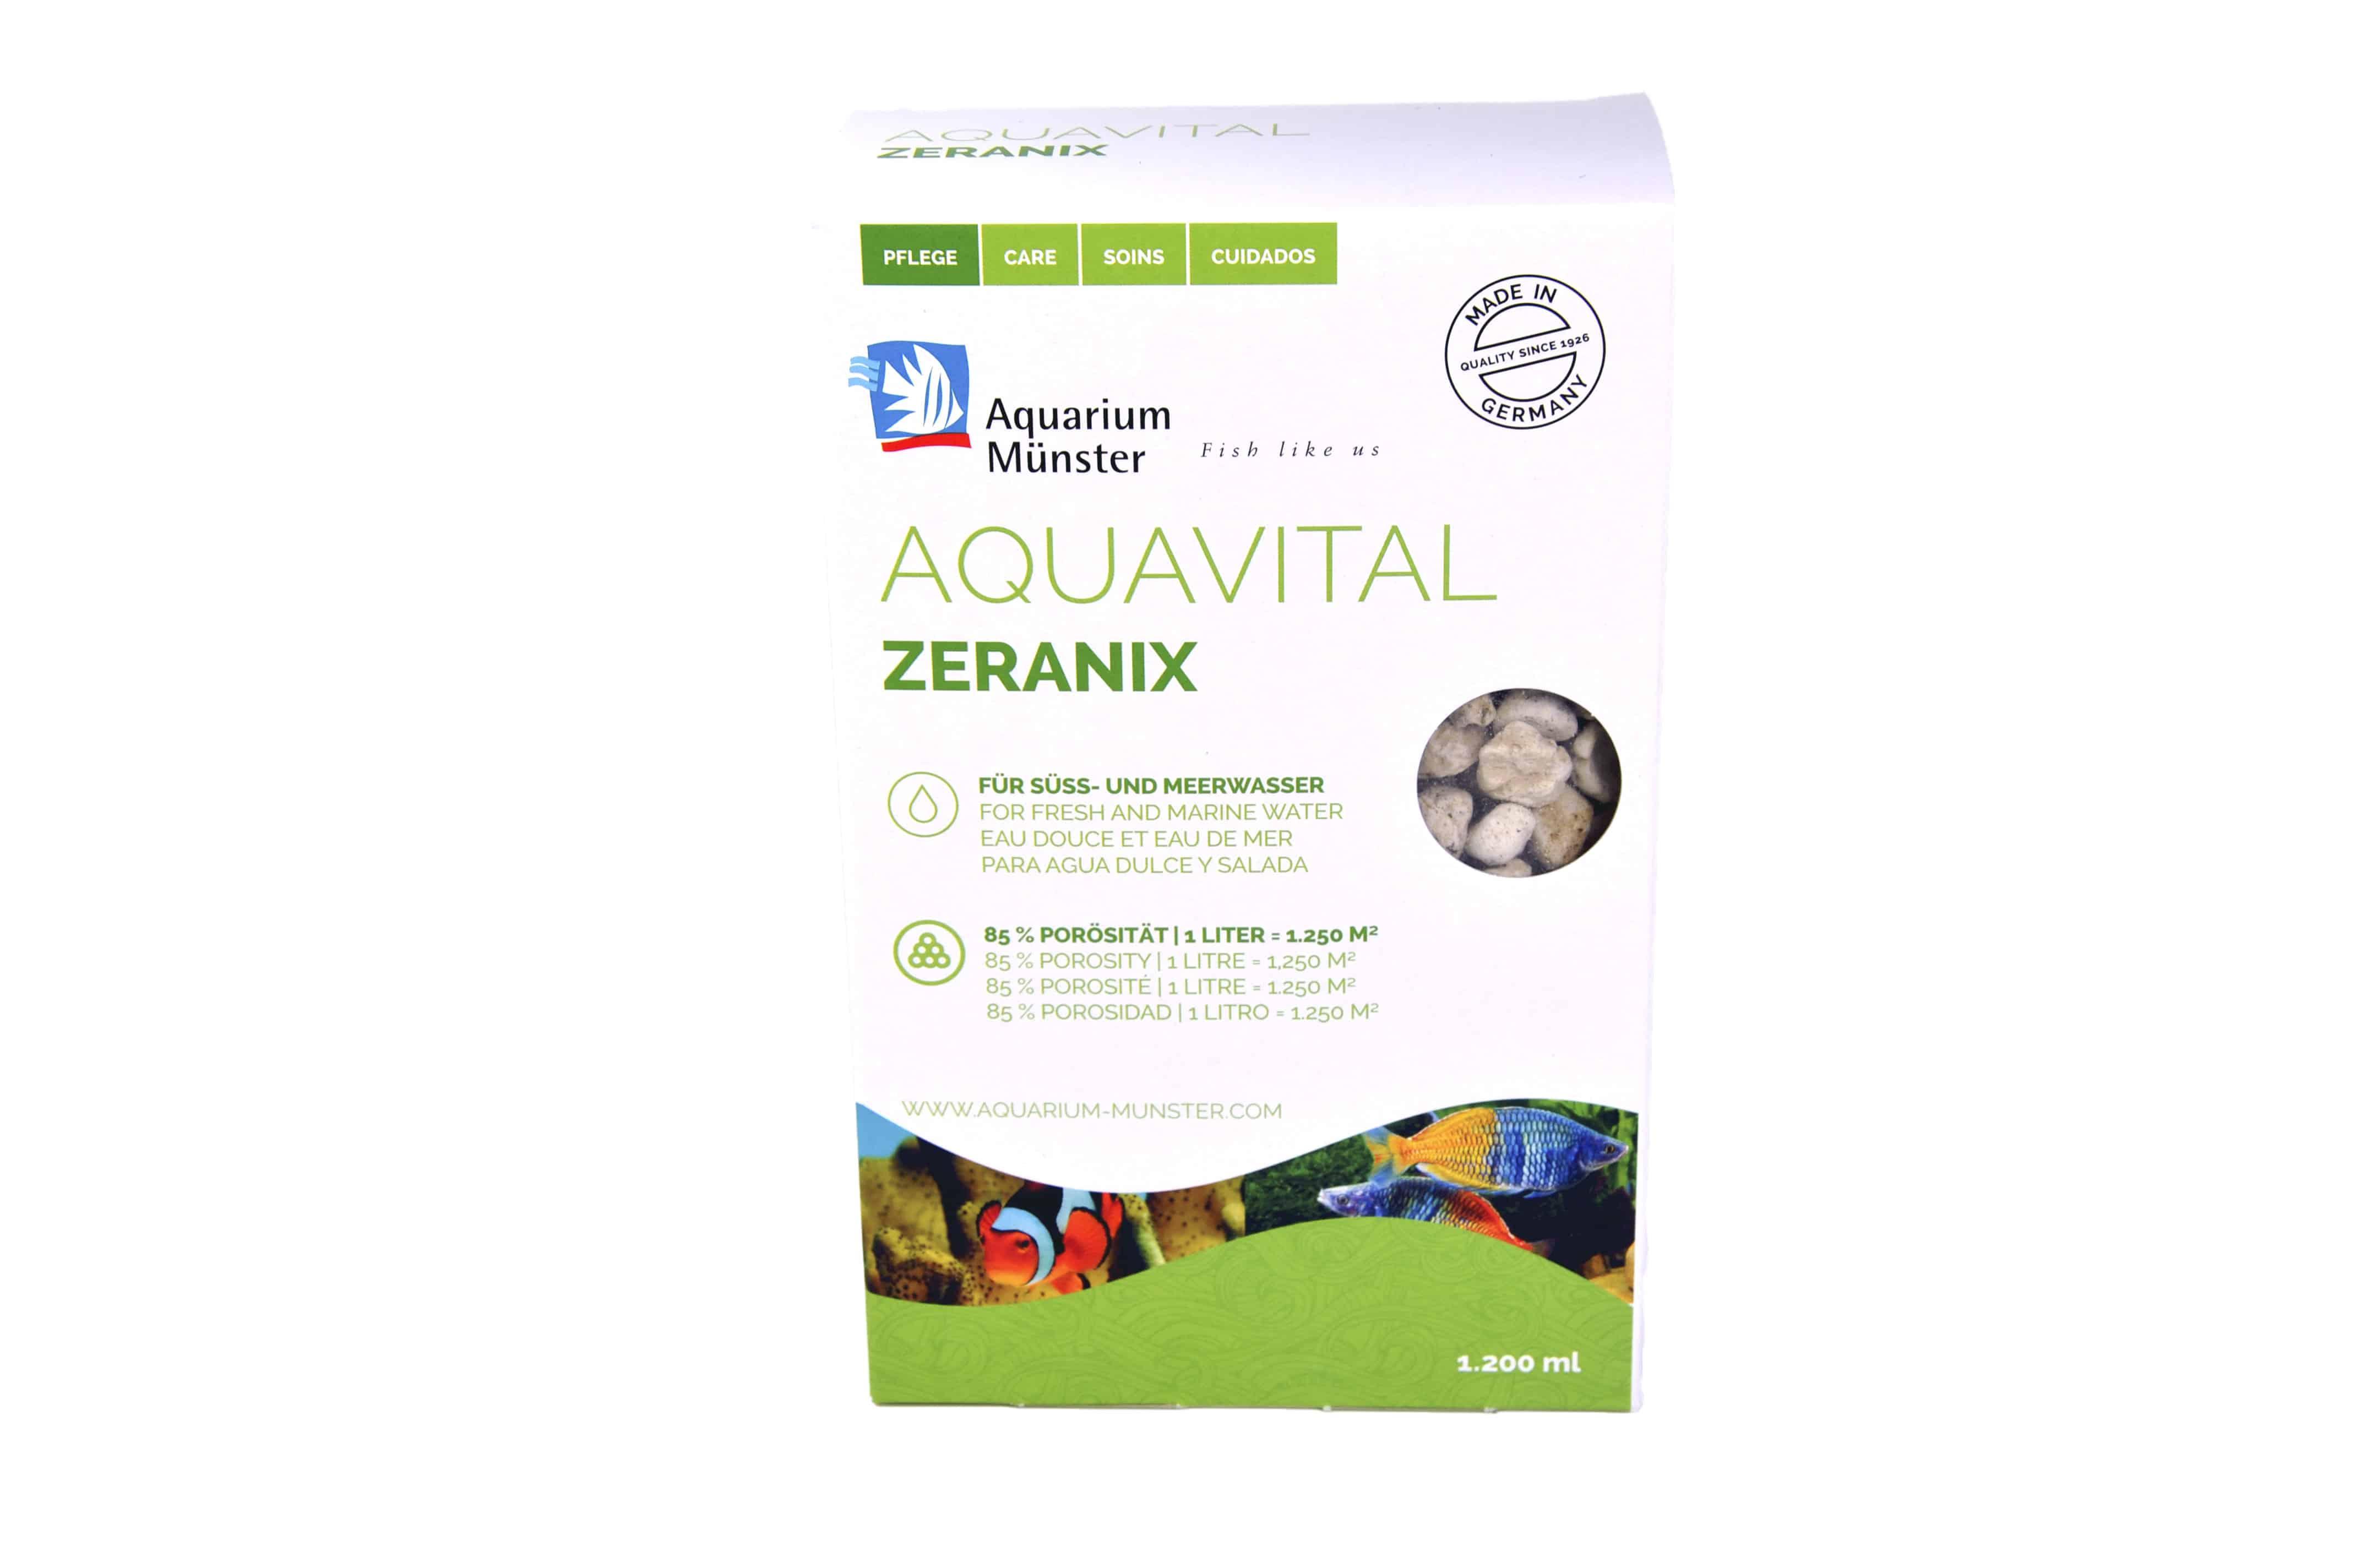 AQUAVITAL ZERANIX